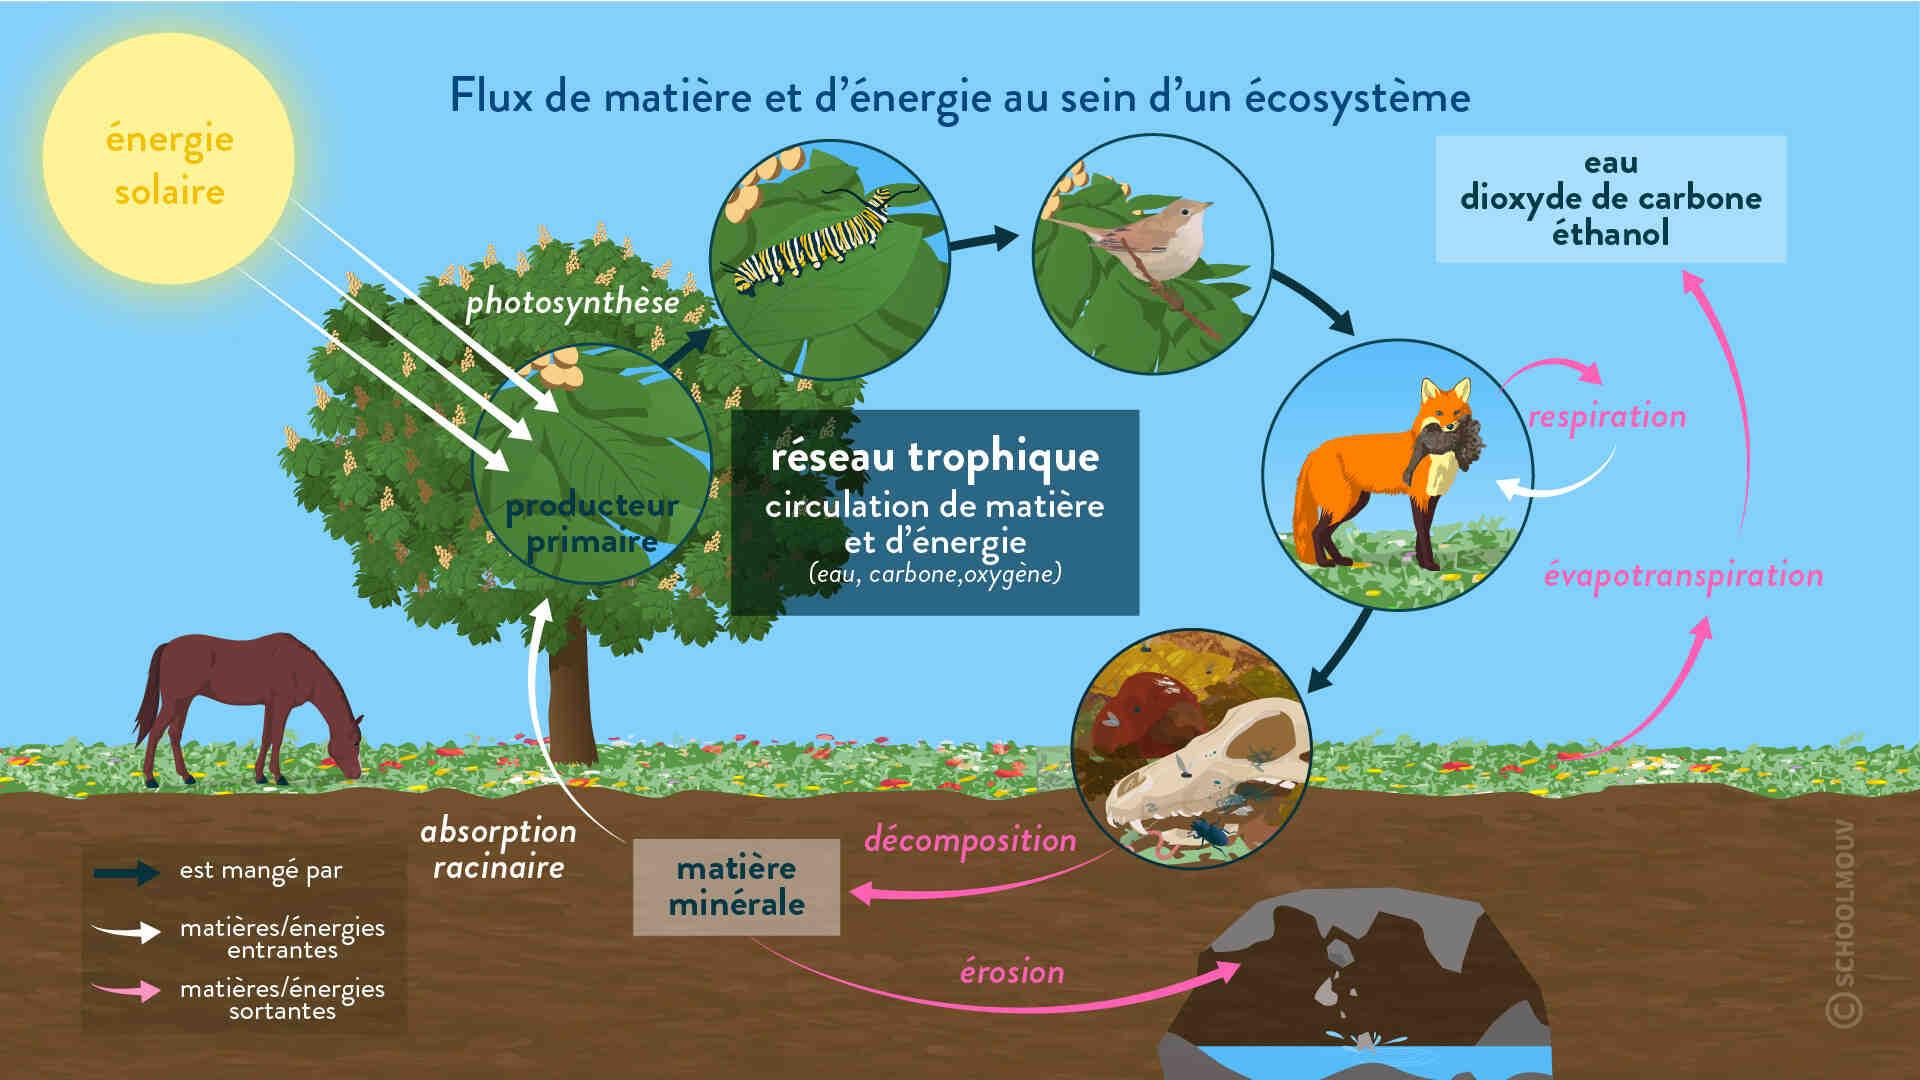 Comment fonctionne l'écosystème?